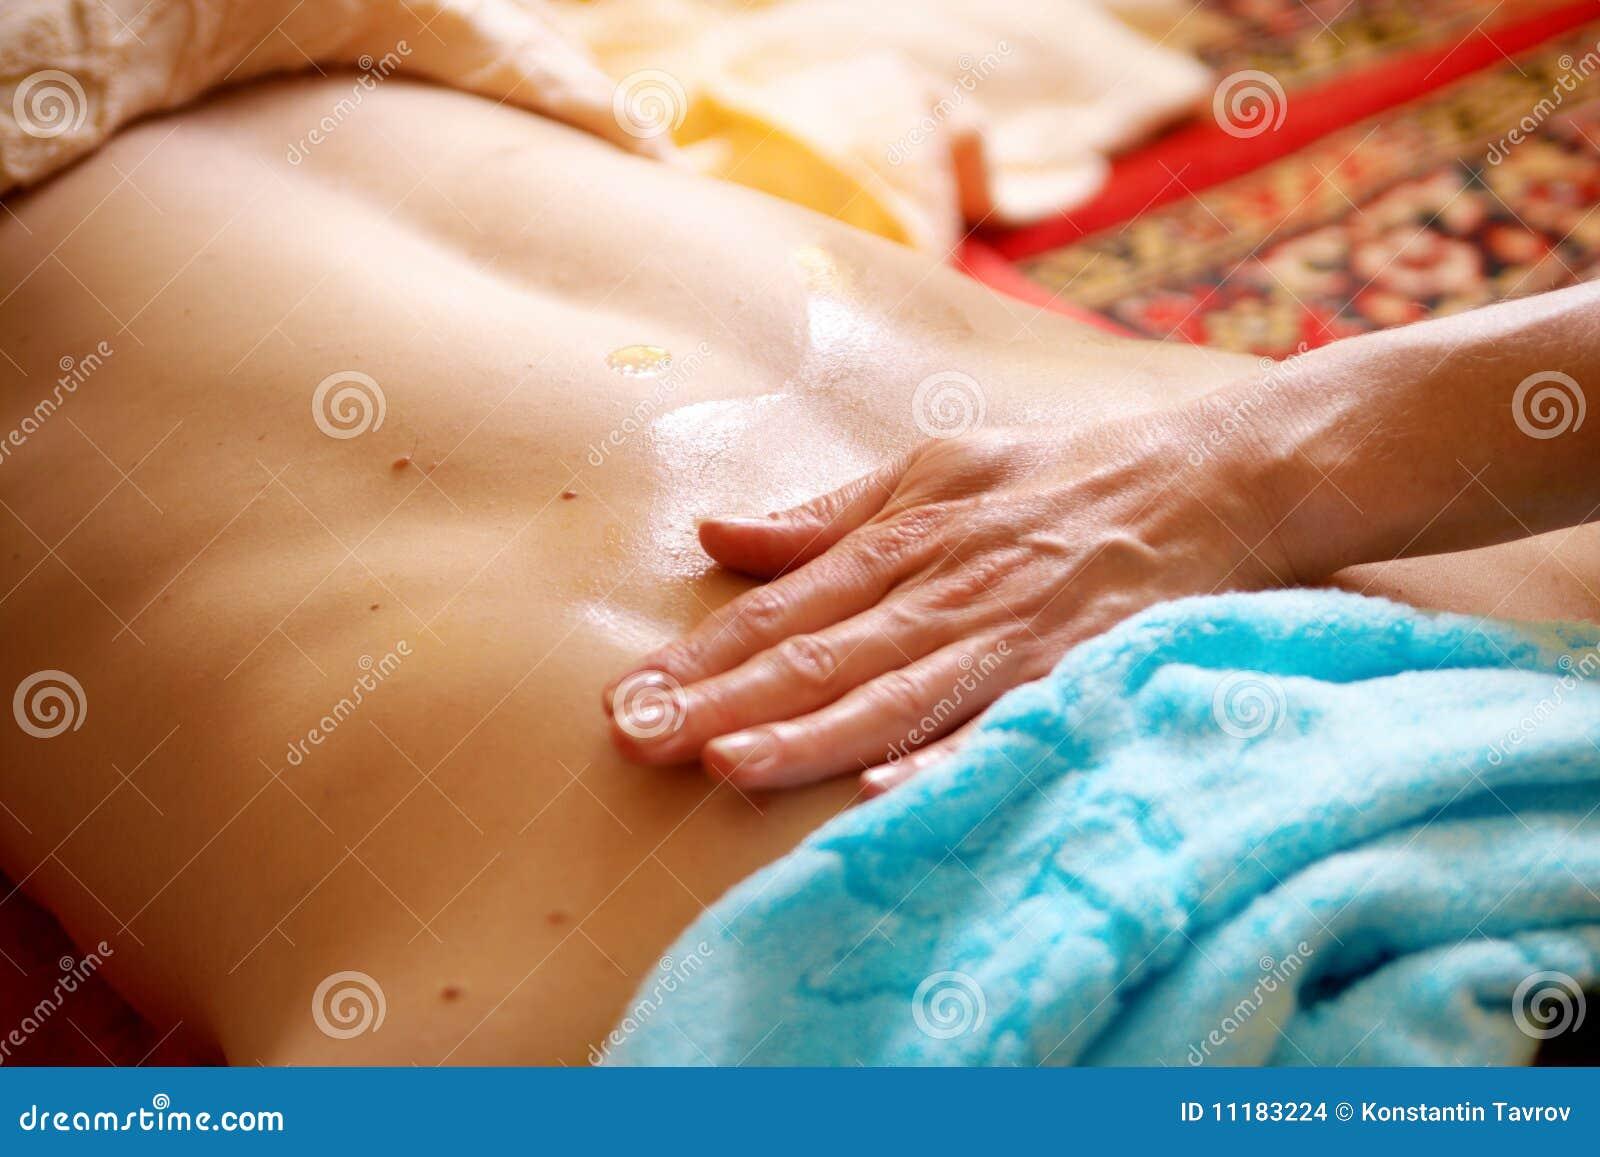 Thaimassage Vestjylland hvidovre thai massage